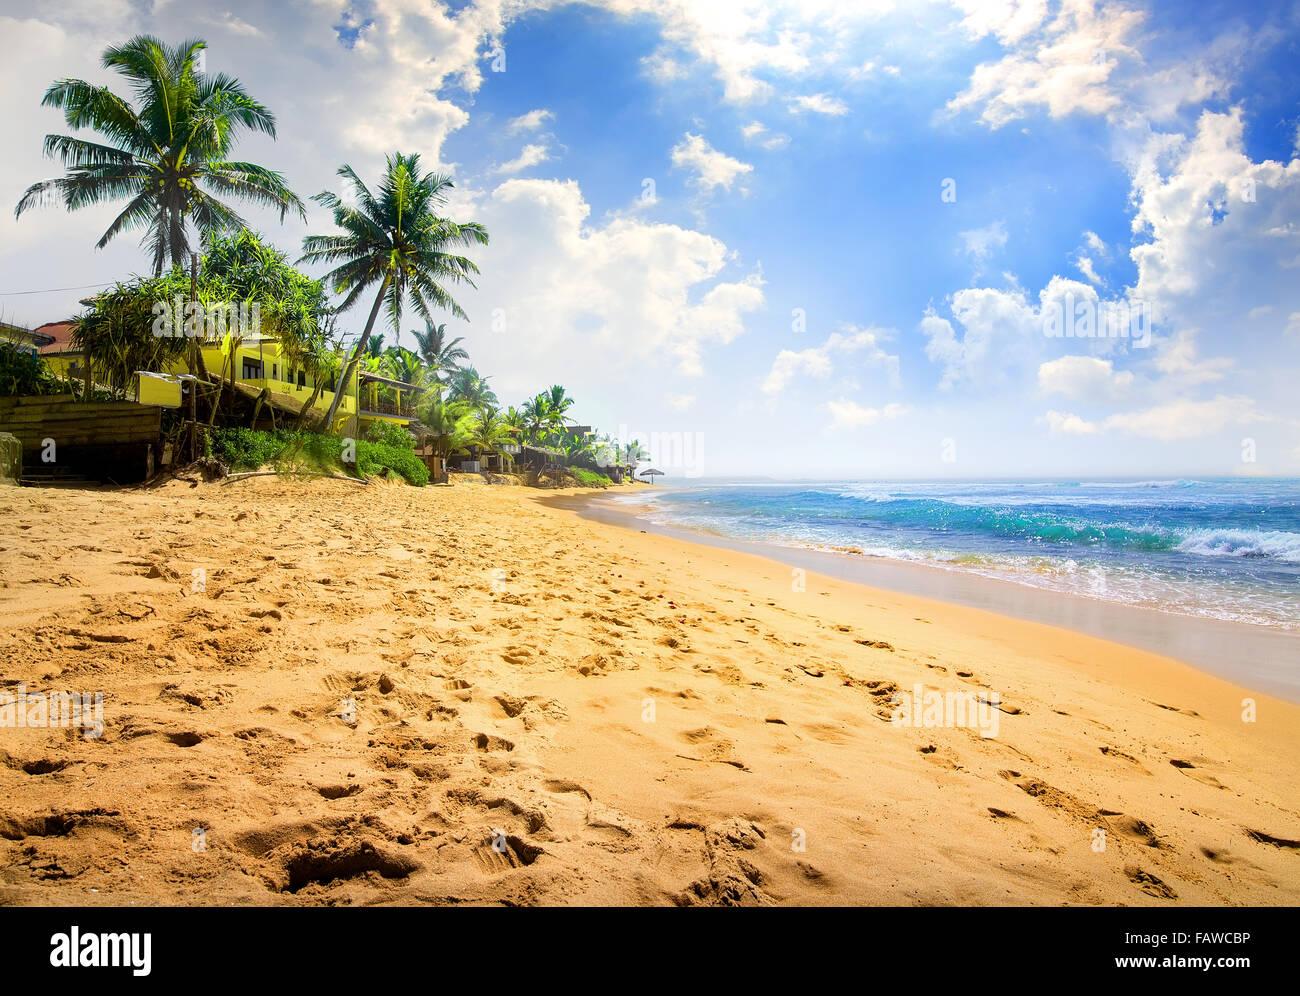 La luce del sole sulla splendida spiaggia tropicale oceano vicino Immagini Stock